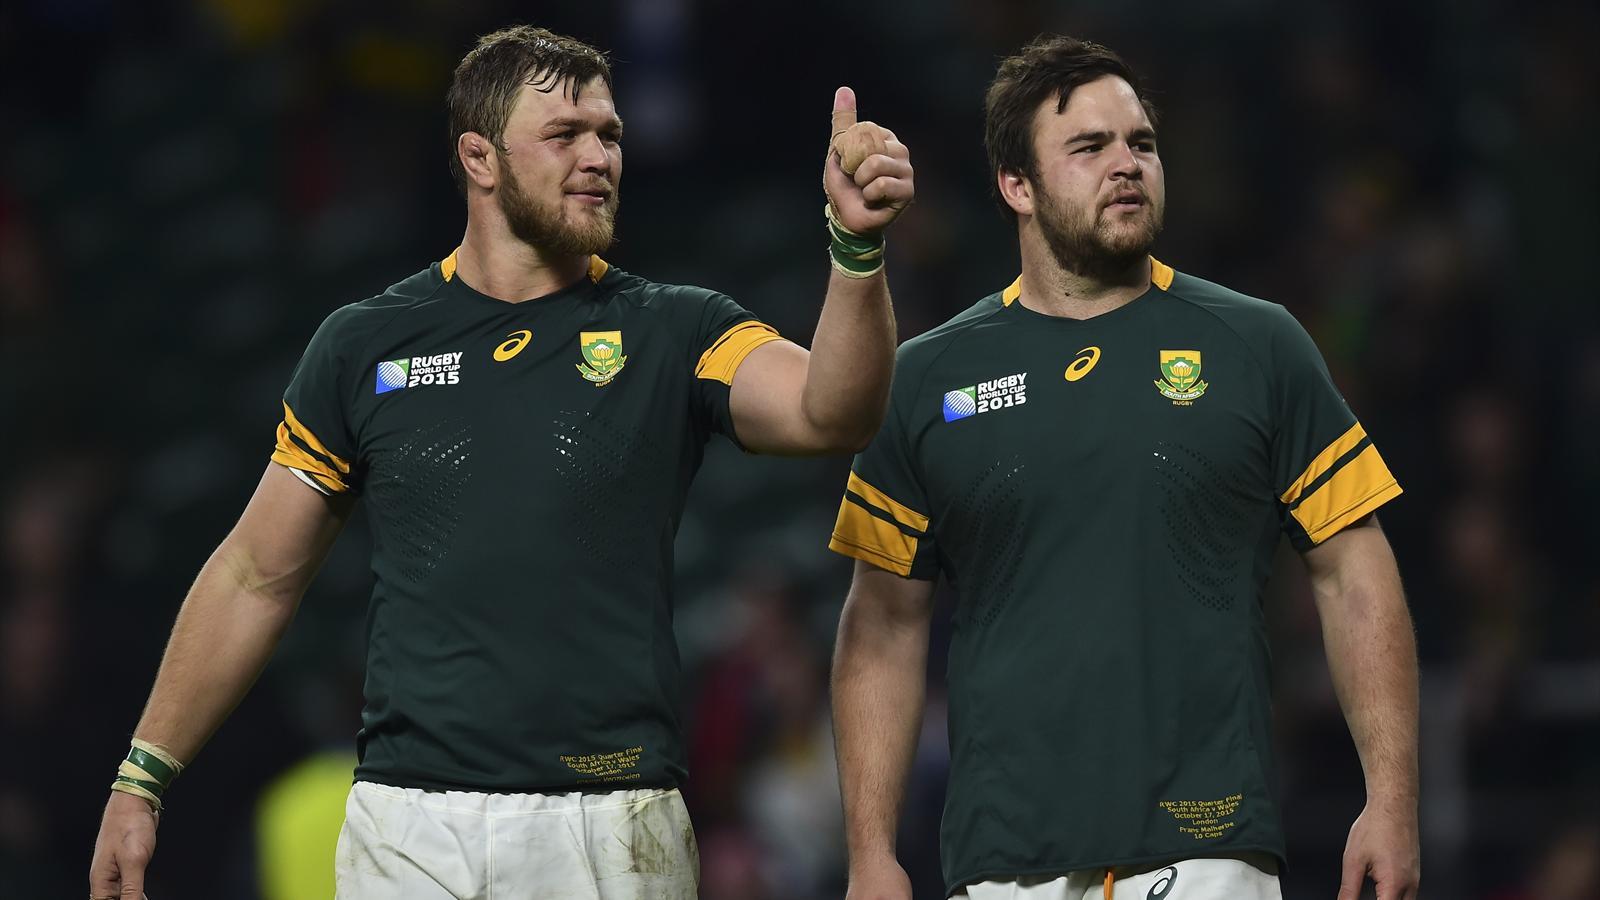 Duane Vermeulen et l'Afrique du Sud qualifiés pour les demi-finales de la Coupe du monde